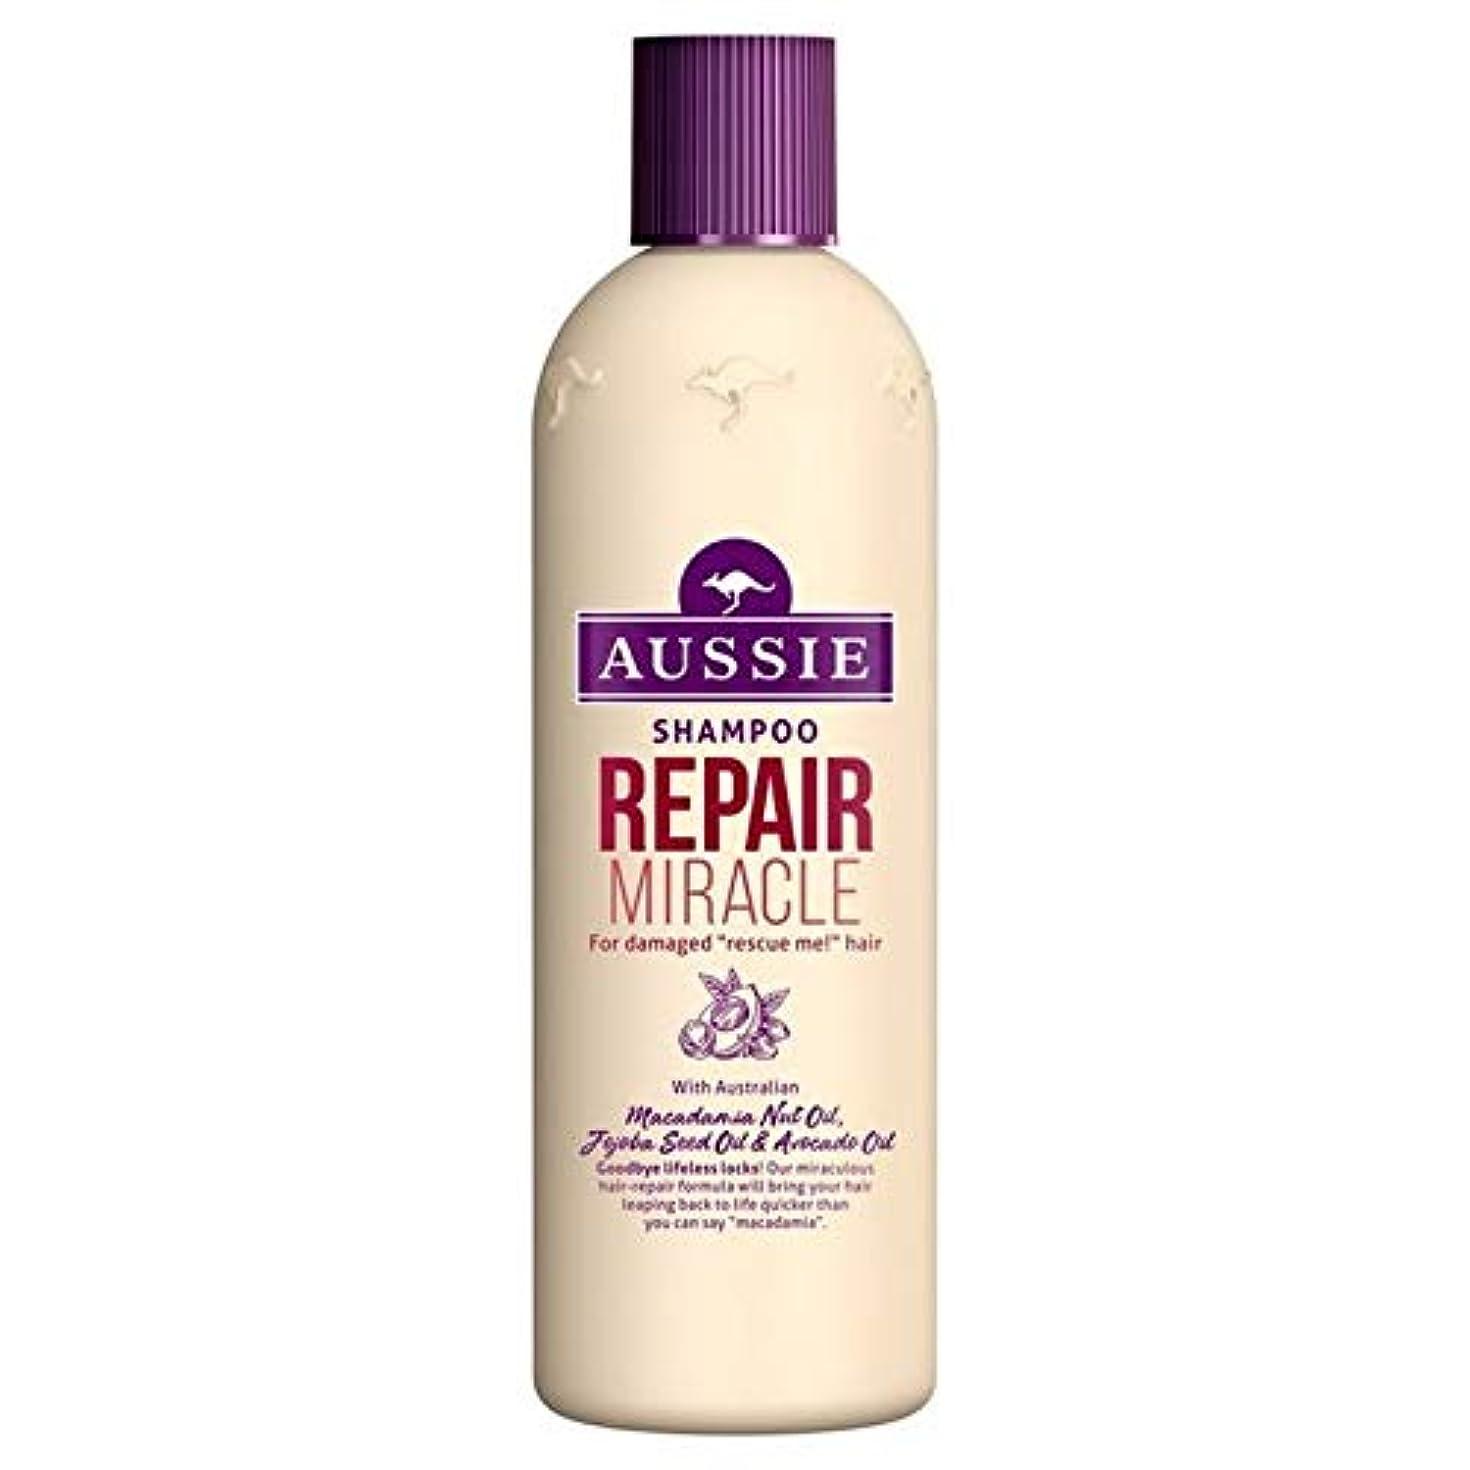 悪因子肉の暗唱する[Aussie ] いたずらな髪の300ミリリットルのすべての種類のオージーシャンプーの修理の奇跡 - Aussie Shampoo Repair Miracle for All Kinds of Naughty Hair...